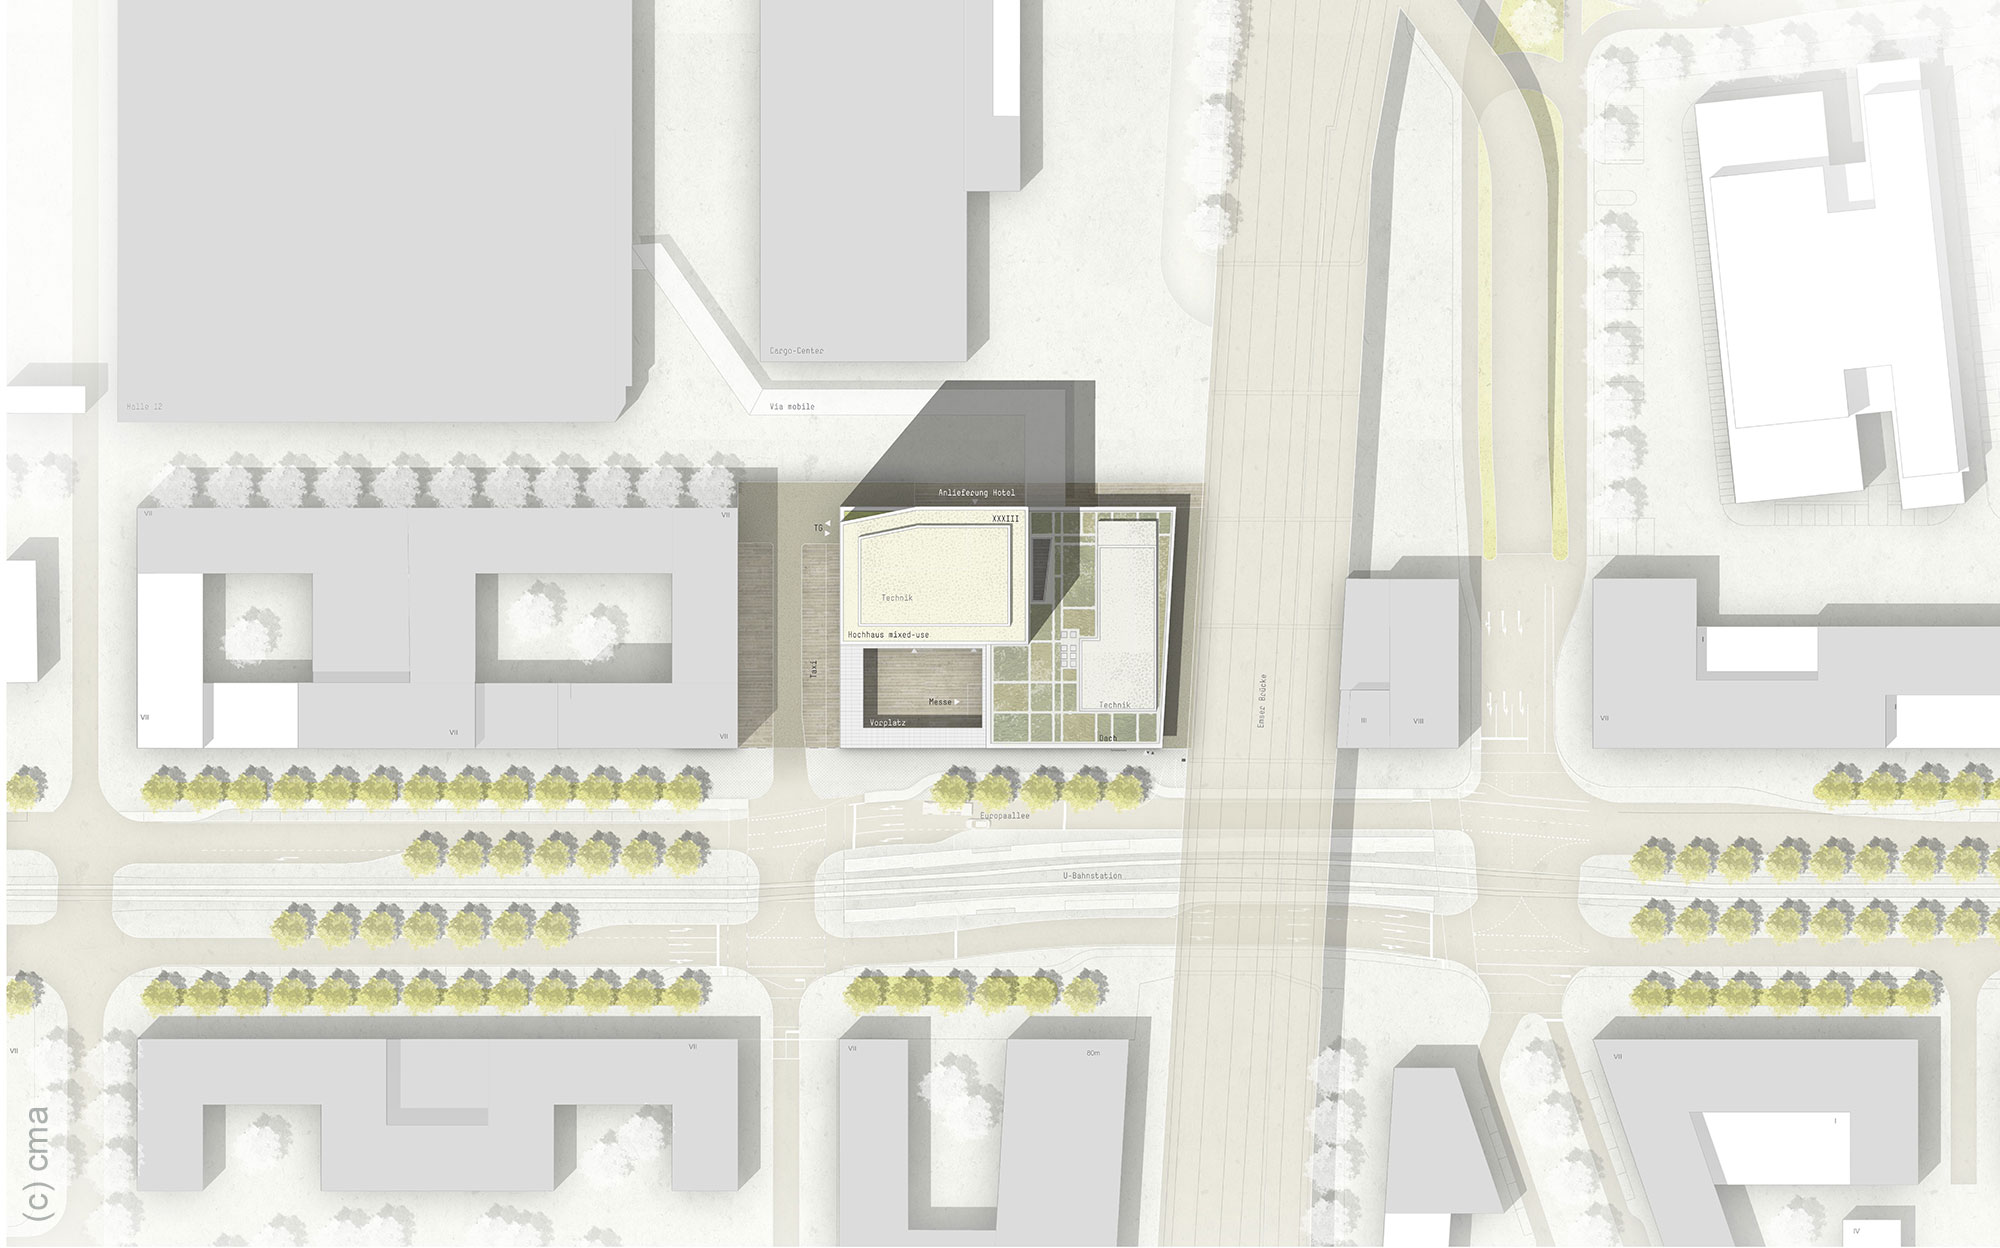 Neubau Messe Frankfurt - Neues Messehochhaus - Messeeingang Süd Lageplan